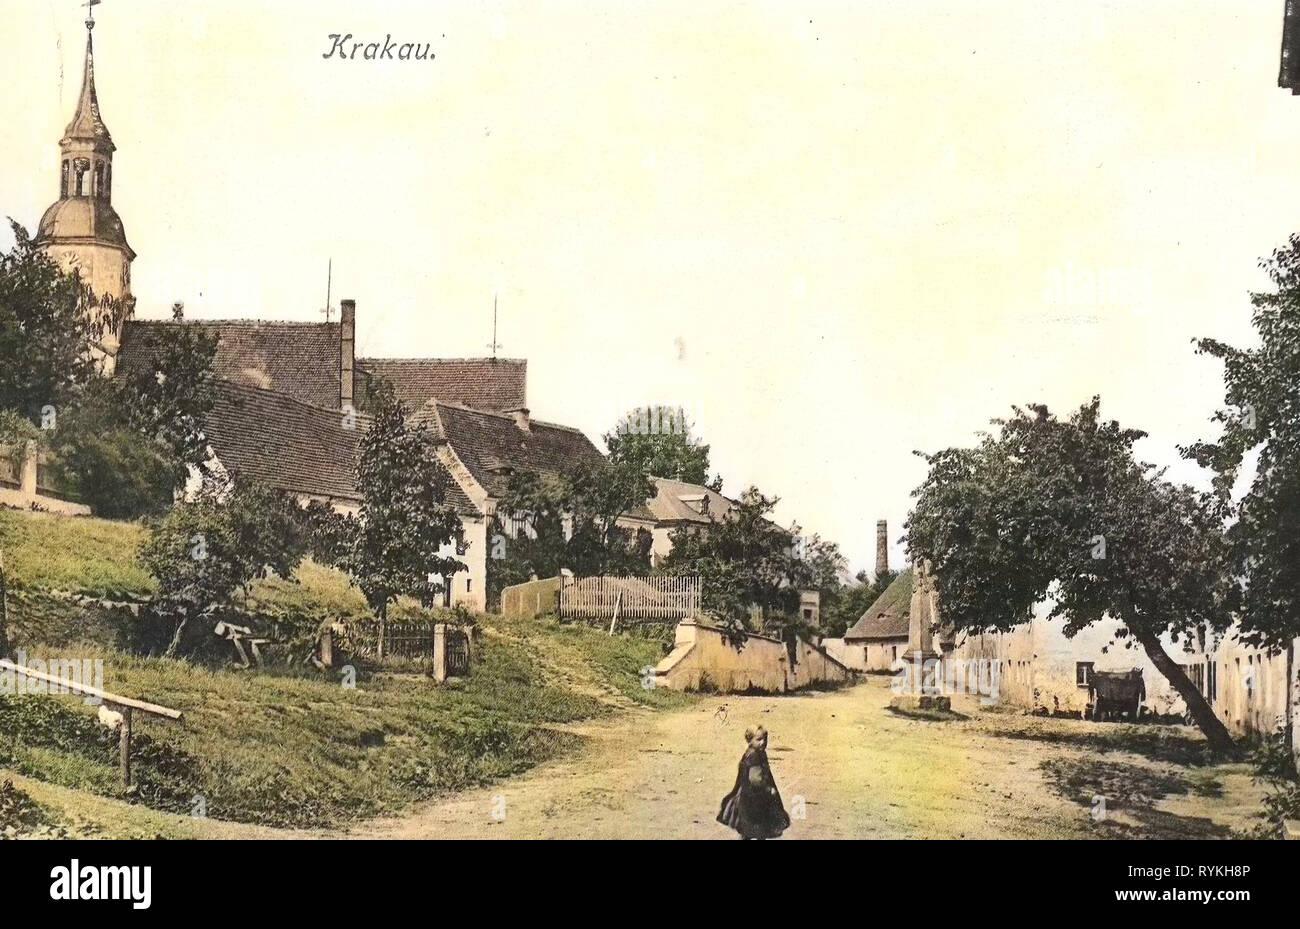 Postmeilensäule, Churches in Landkreis Bautzen, Buildings in Landkreis Bautzen, Krakau (Sachsen), 1915, Landkreis Bautzen, Krakau, Dorfstraße, Germany - Stock Image